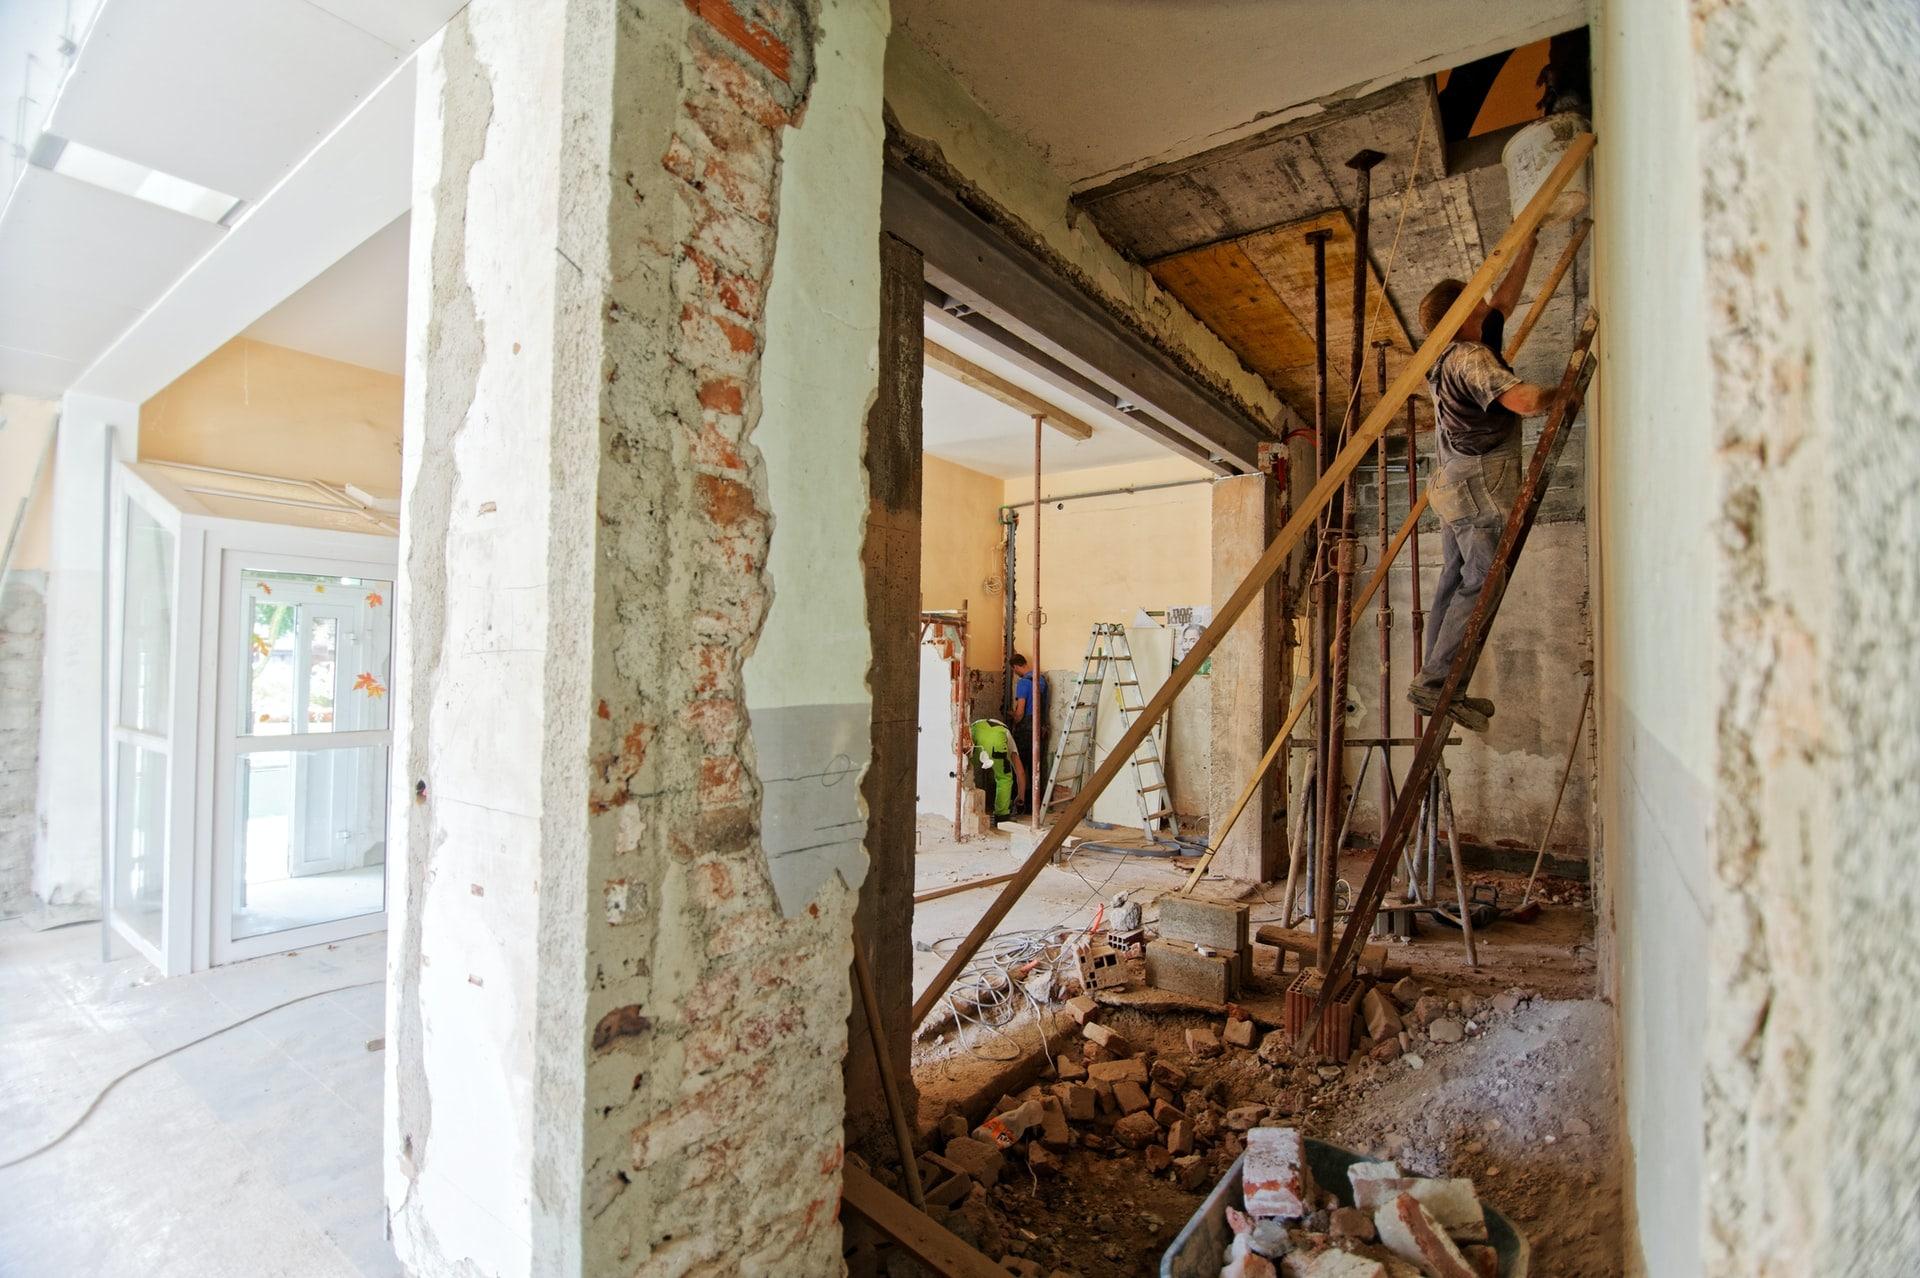 comment bien renover sa maison